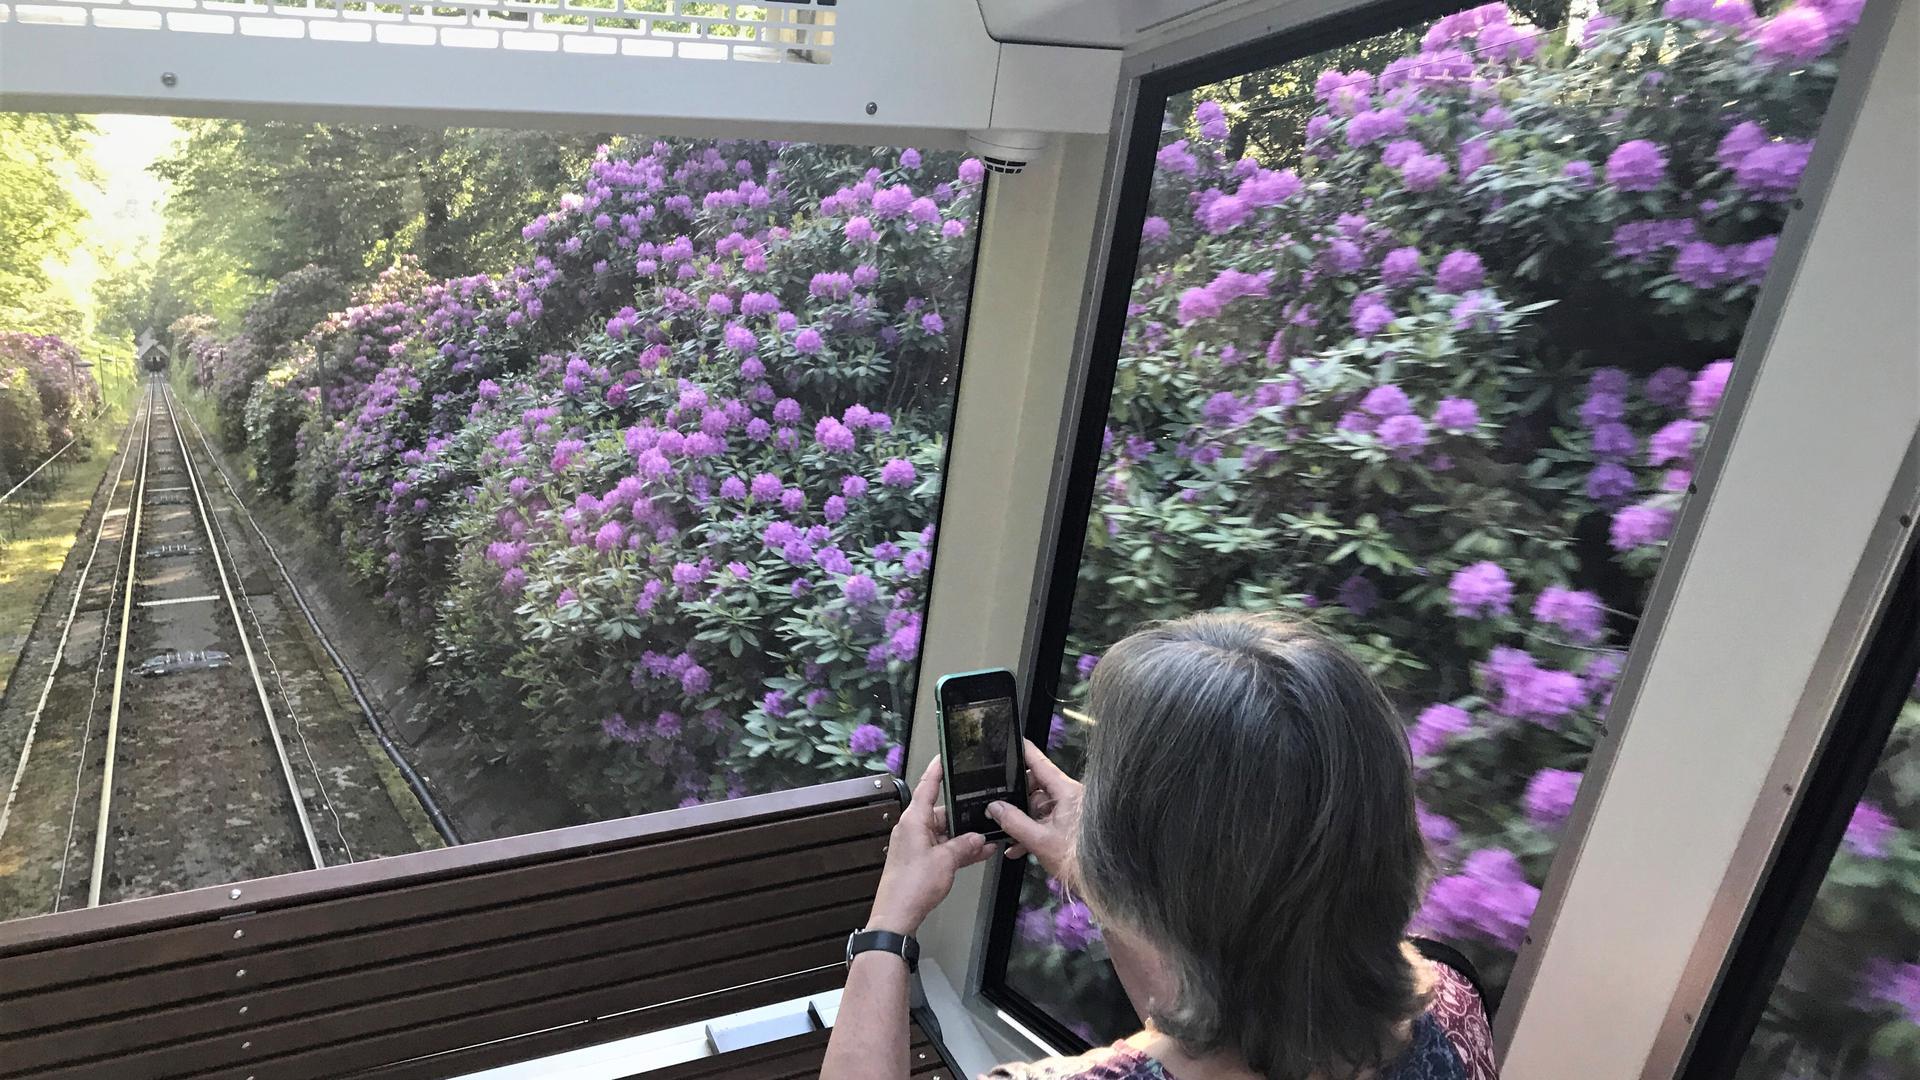 Die Merkur-Bergbahn fährt auf ihrer rund 1,2 Kilometer langen Strecke auch an üppig blühenden Rhododendron-Sträuchern vorbei.